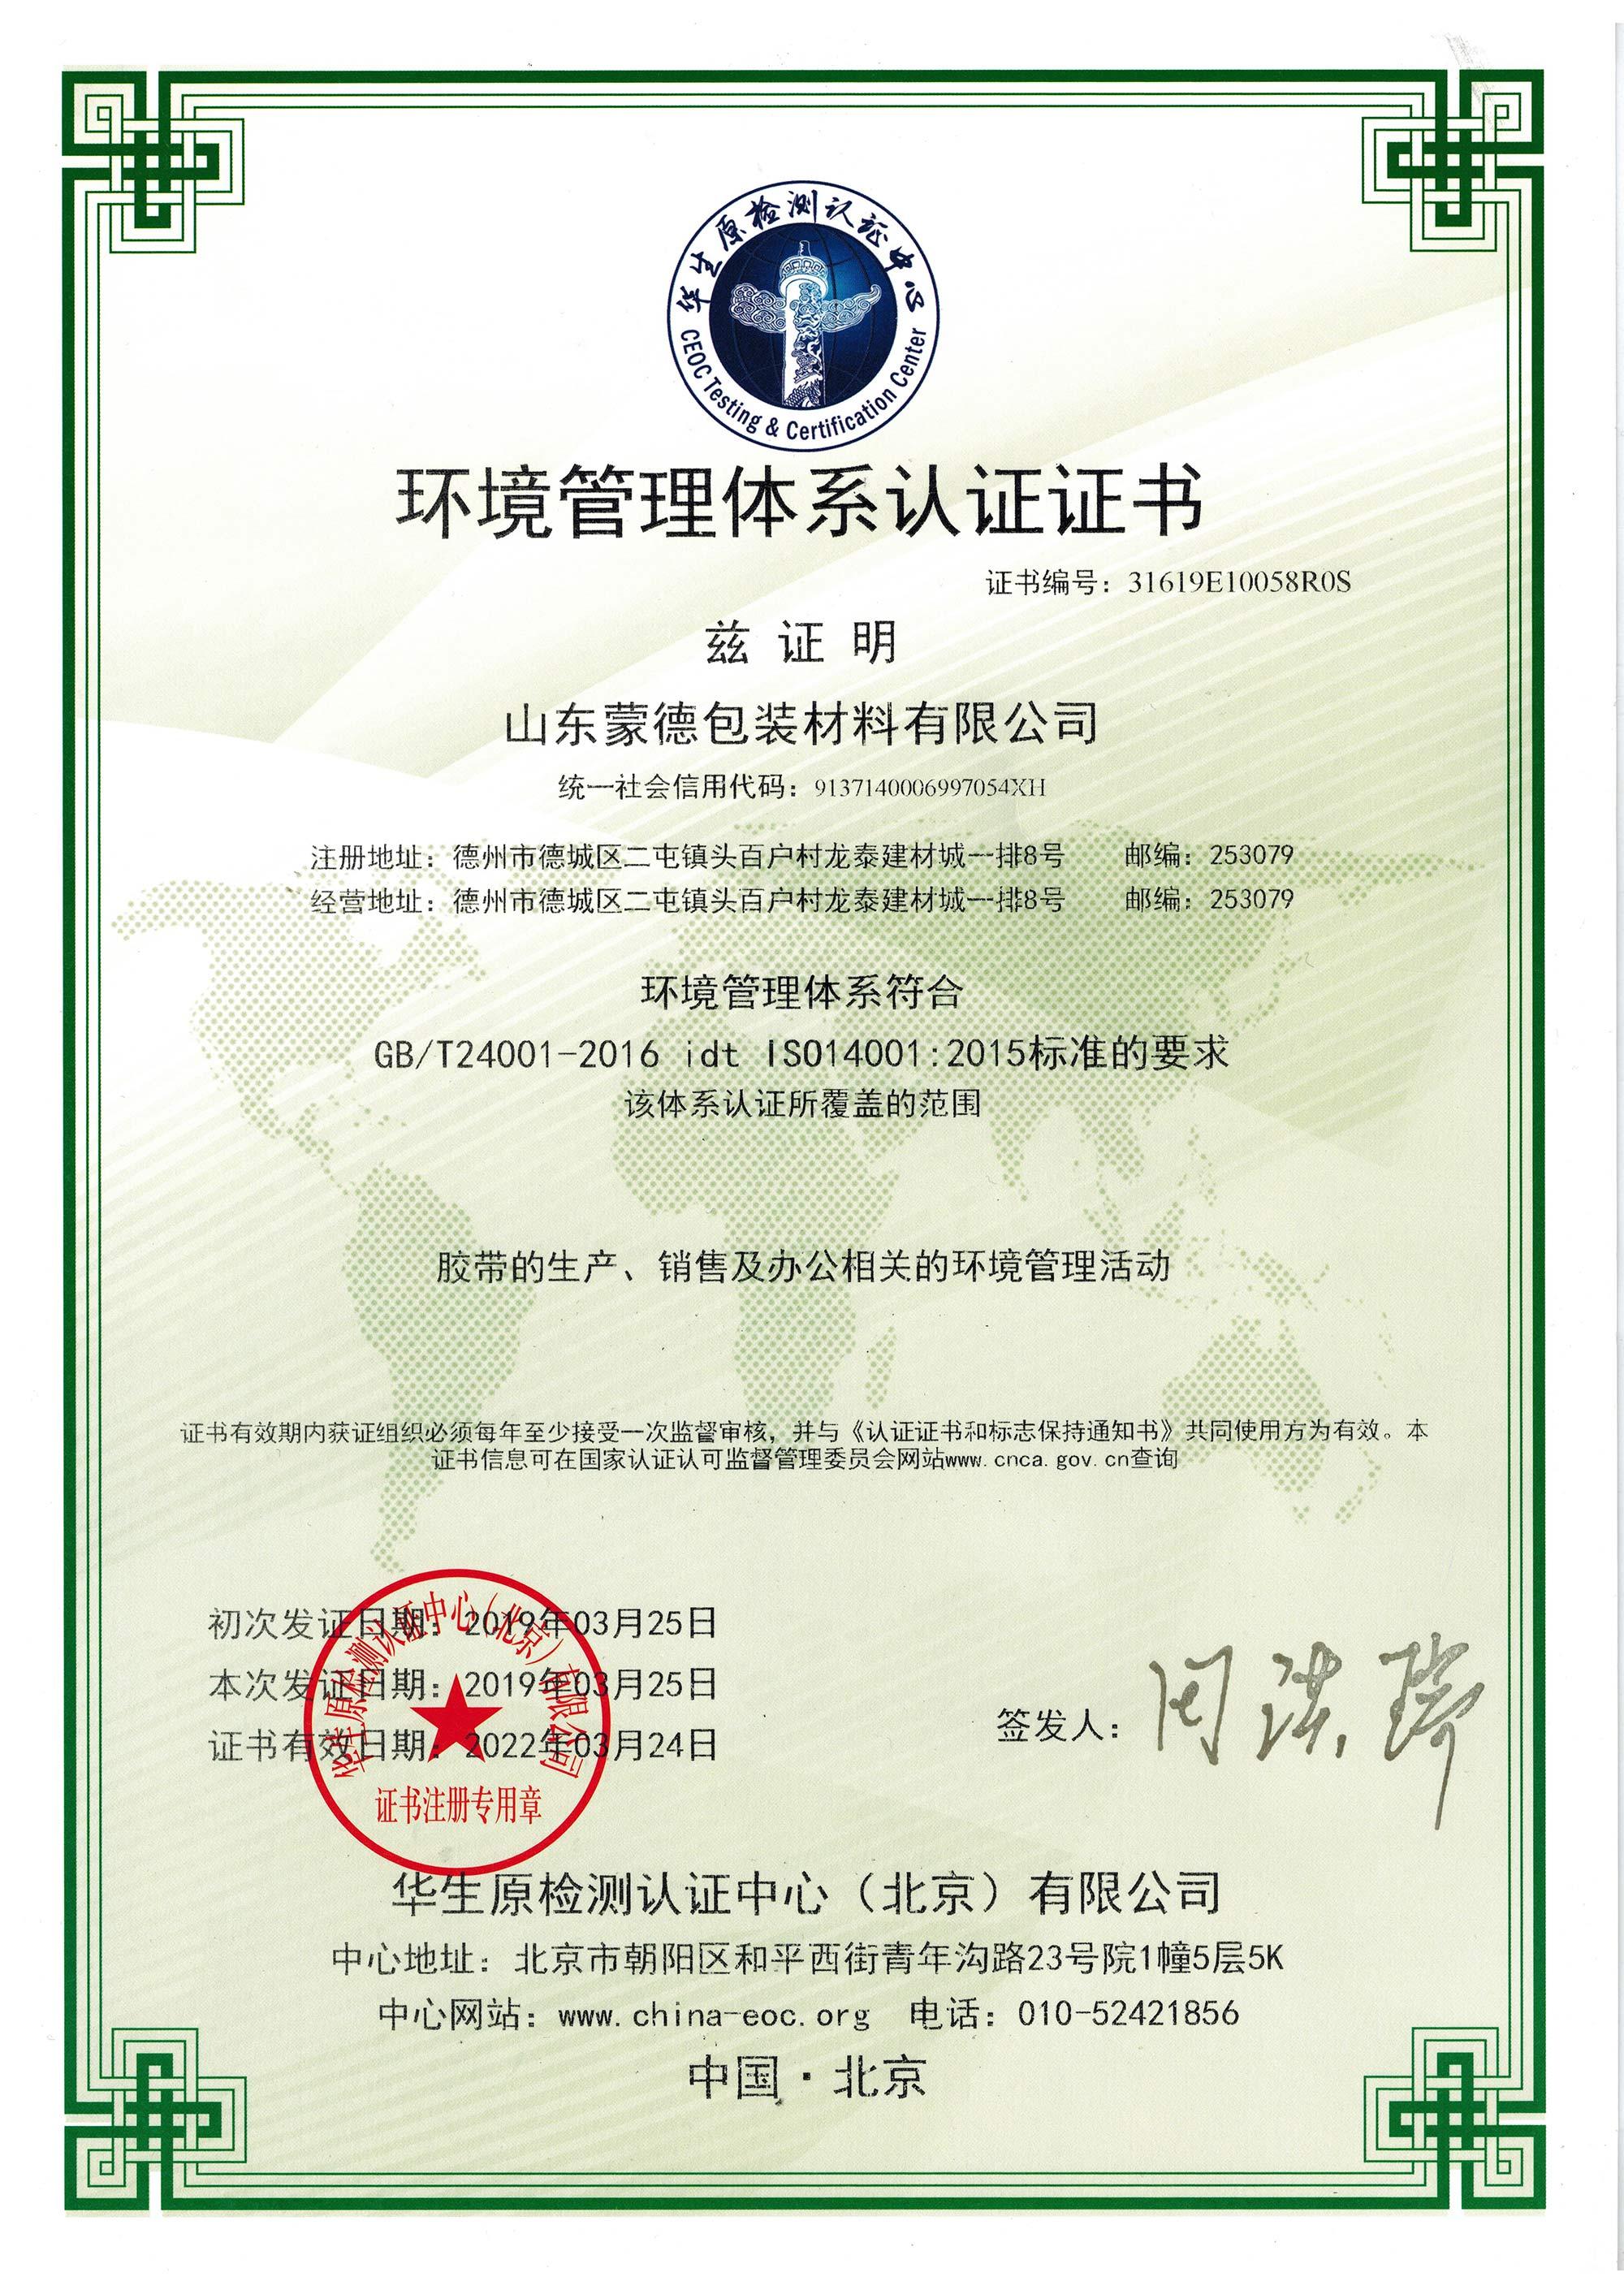 热烈庆祝万博manbetx在线万博manbetxapp顺利取得ISO14001环境管理体认证证书